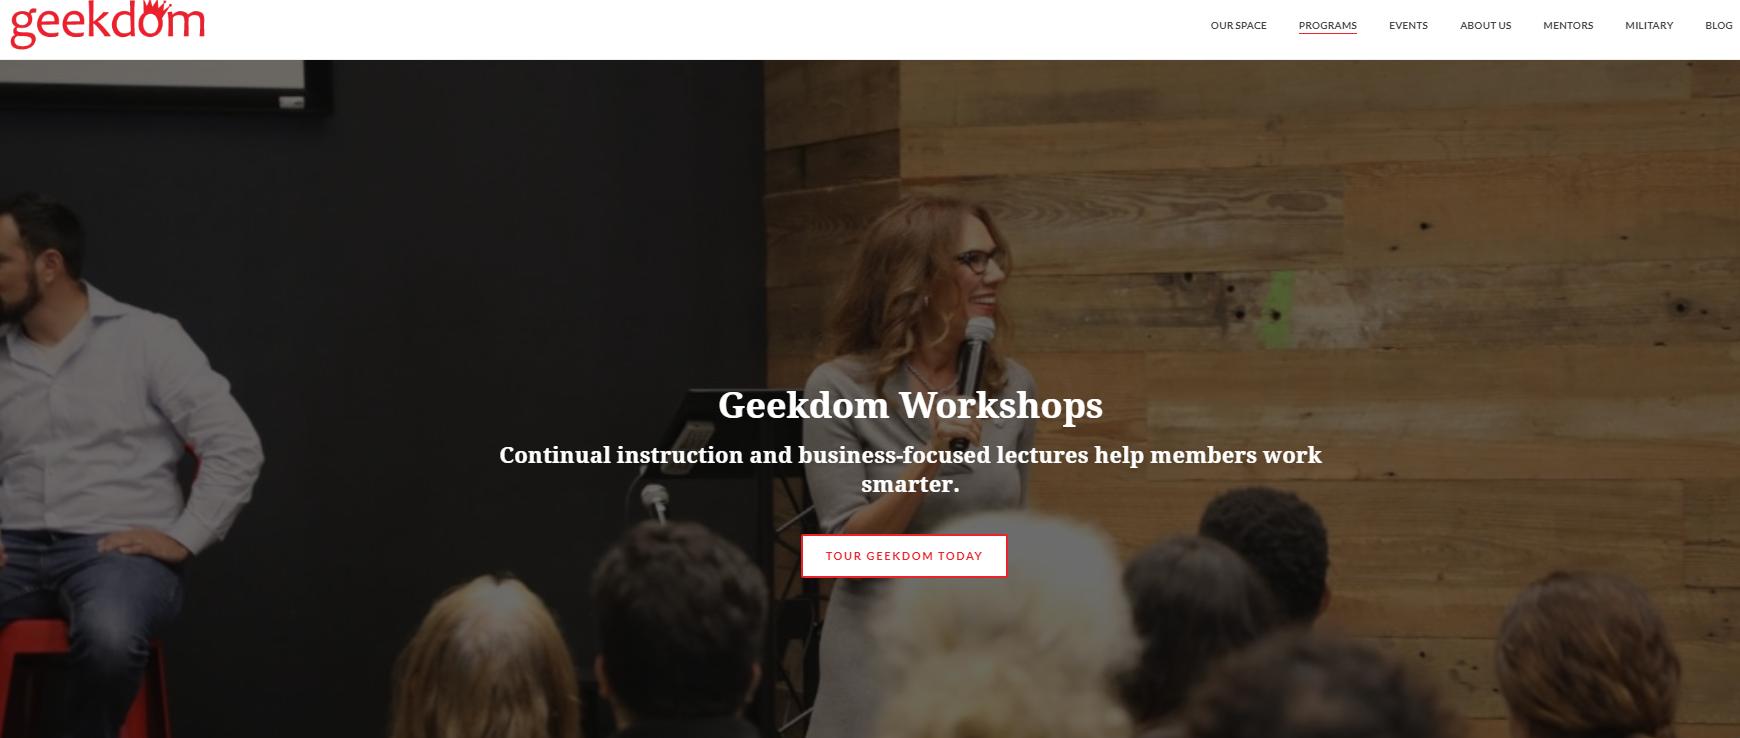 Geekdom workshops